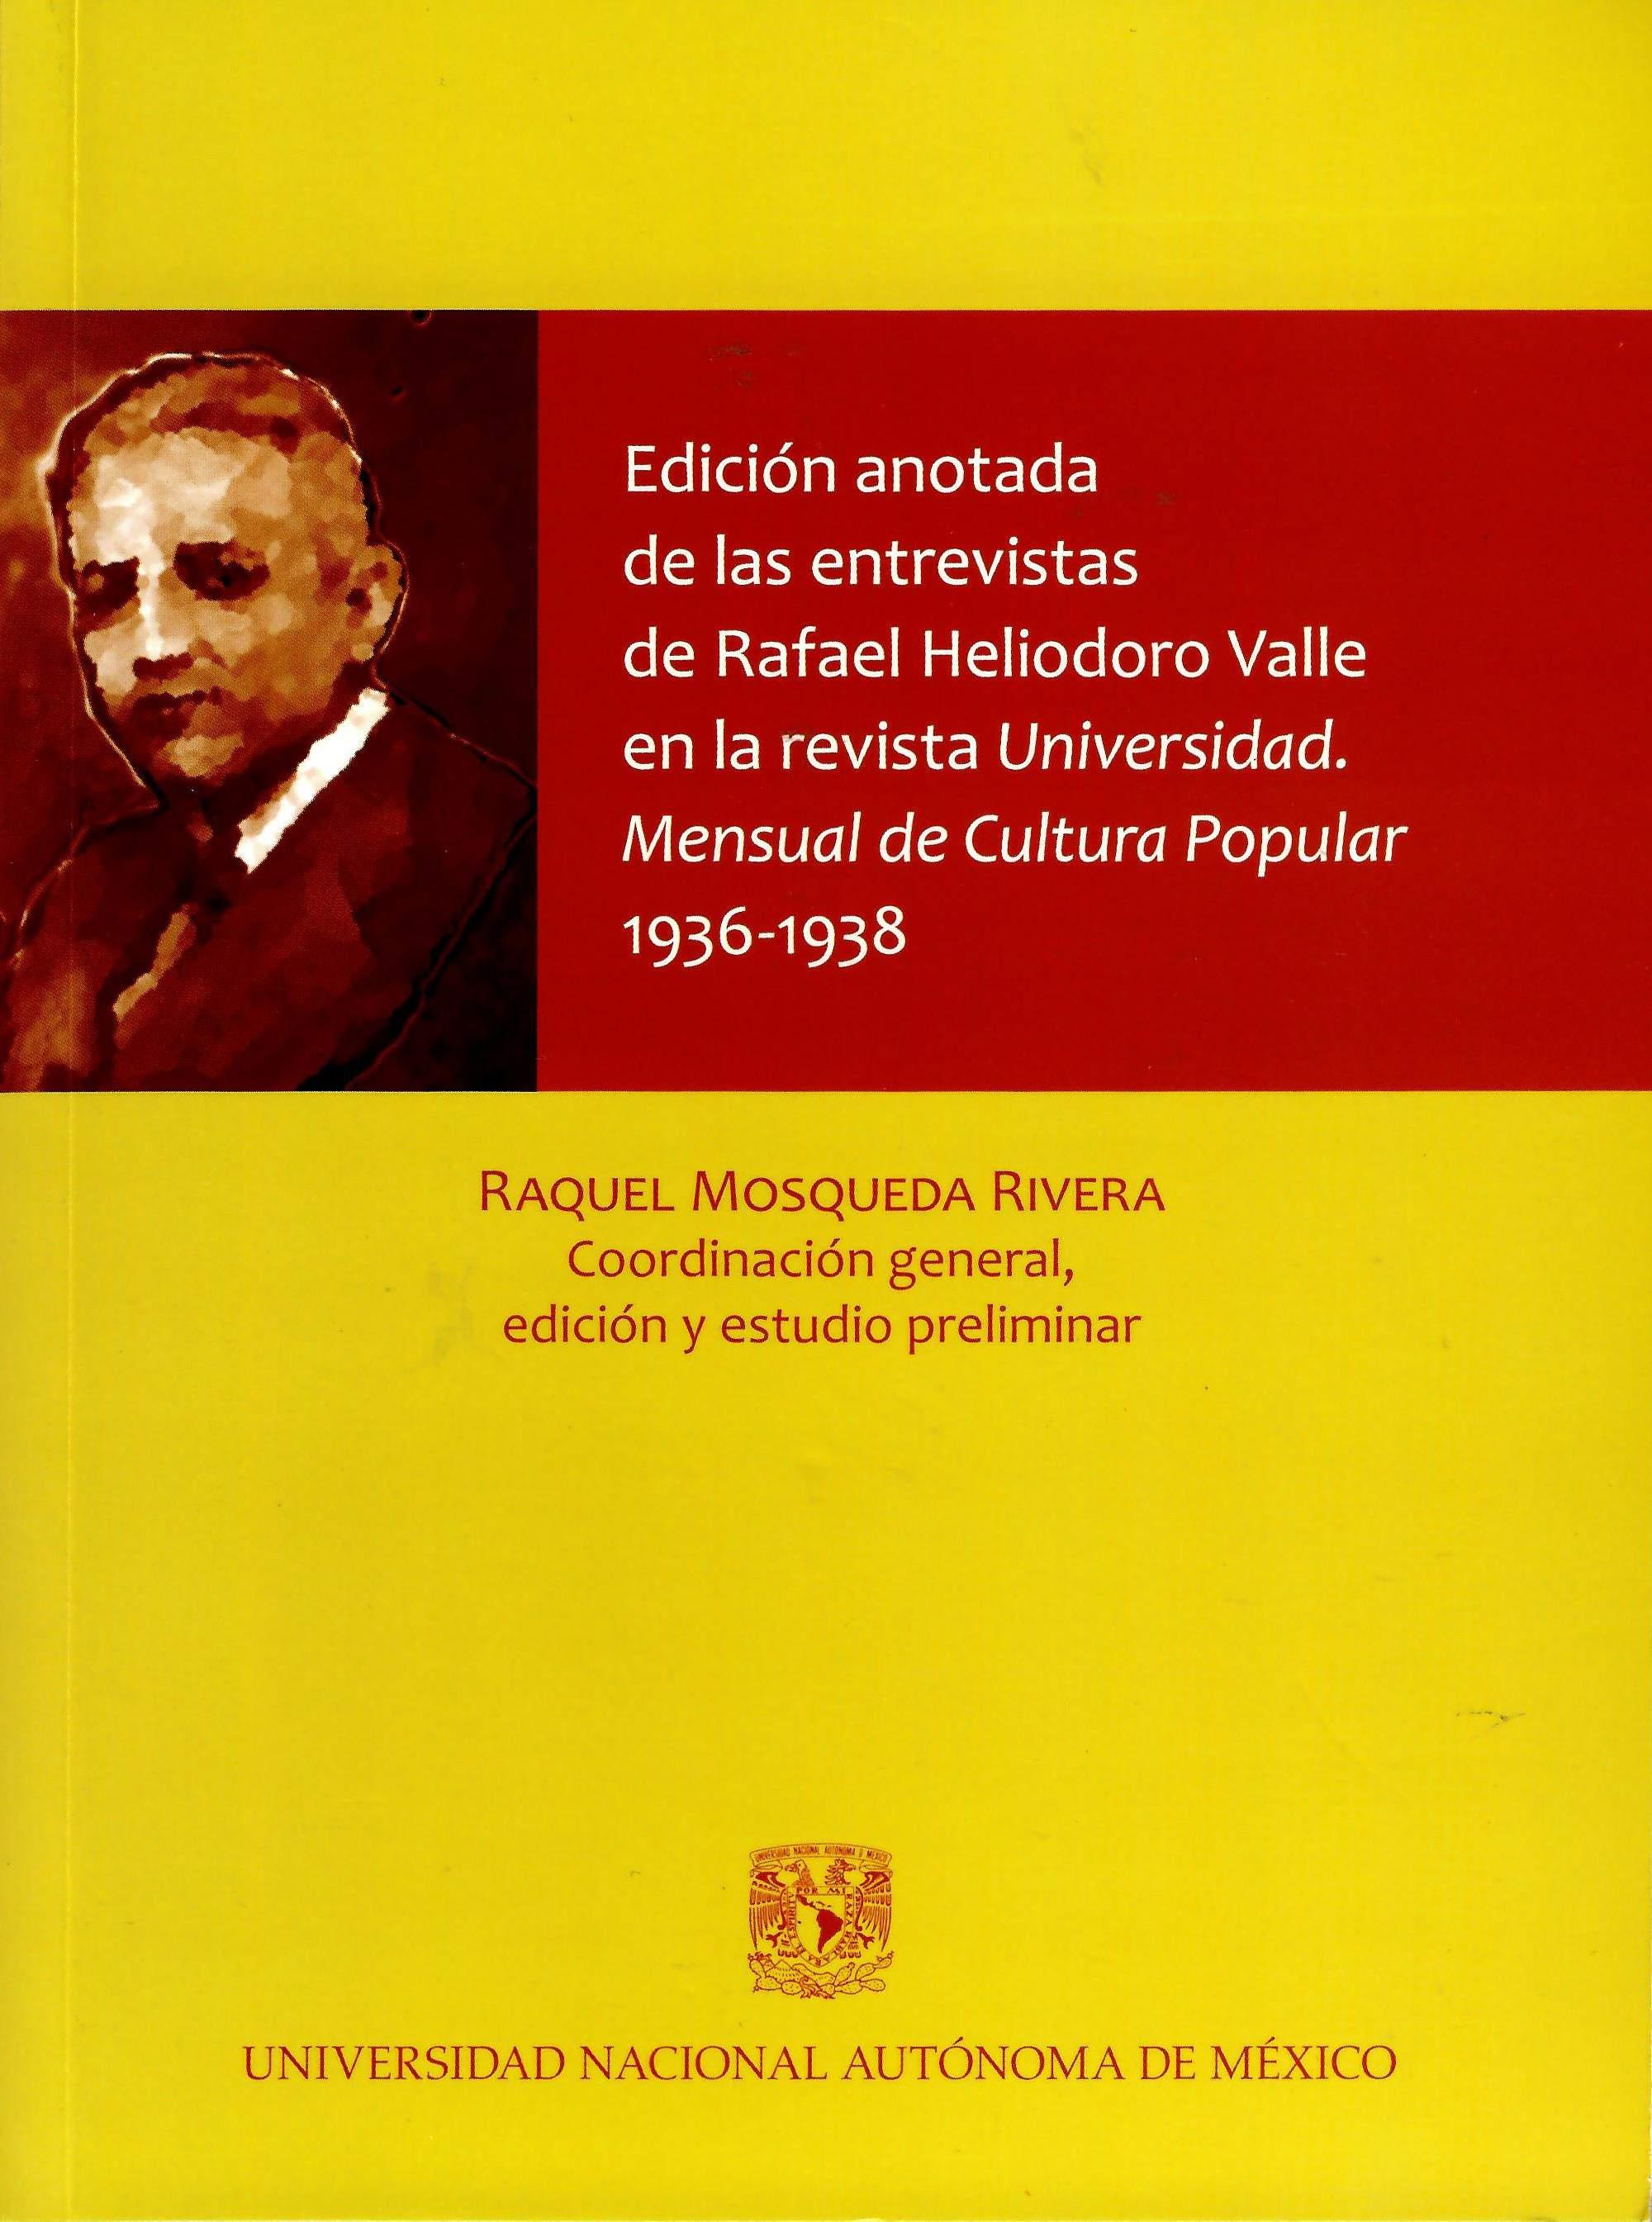 Edición anotada de las entrevistas de Rafael Heliodoro Valle en la revista Universidad. Mensual de Cultura Popular 1936-1938